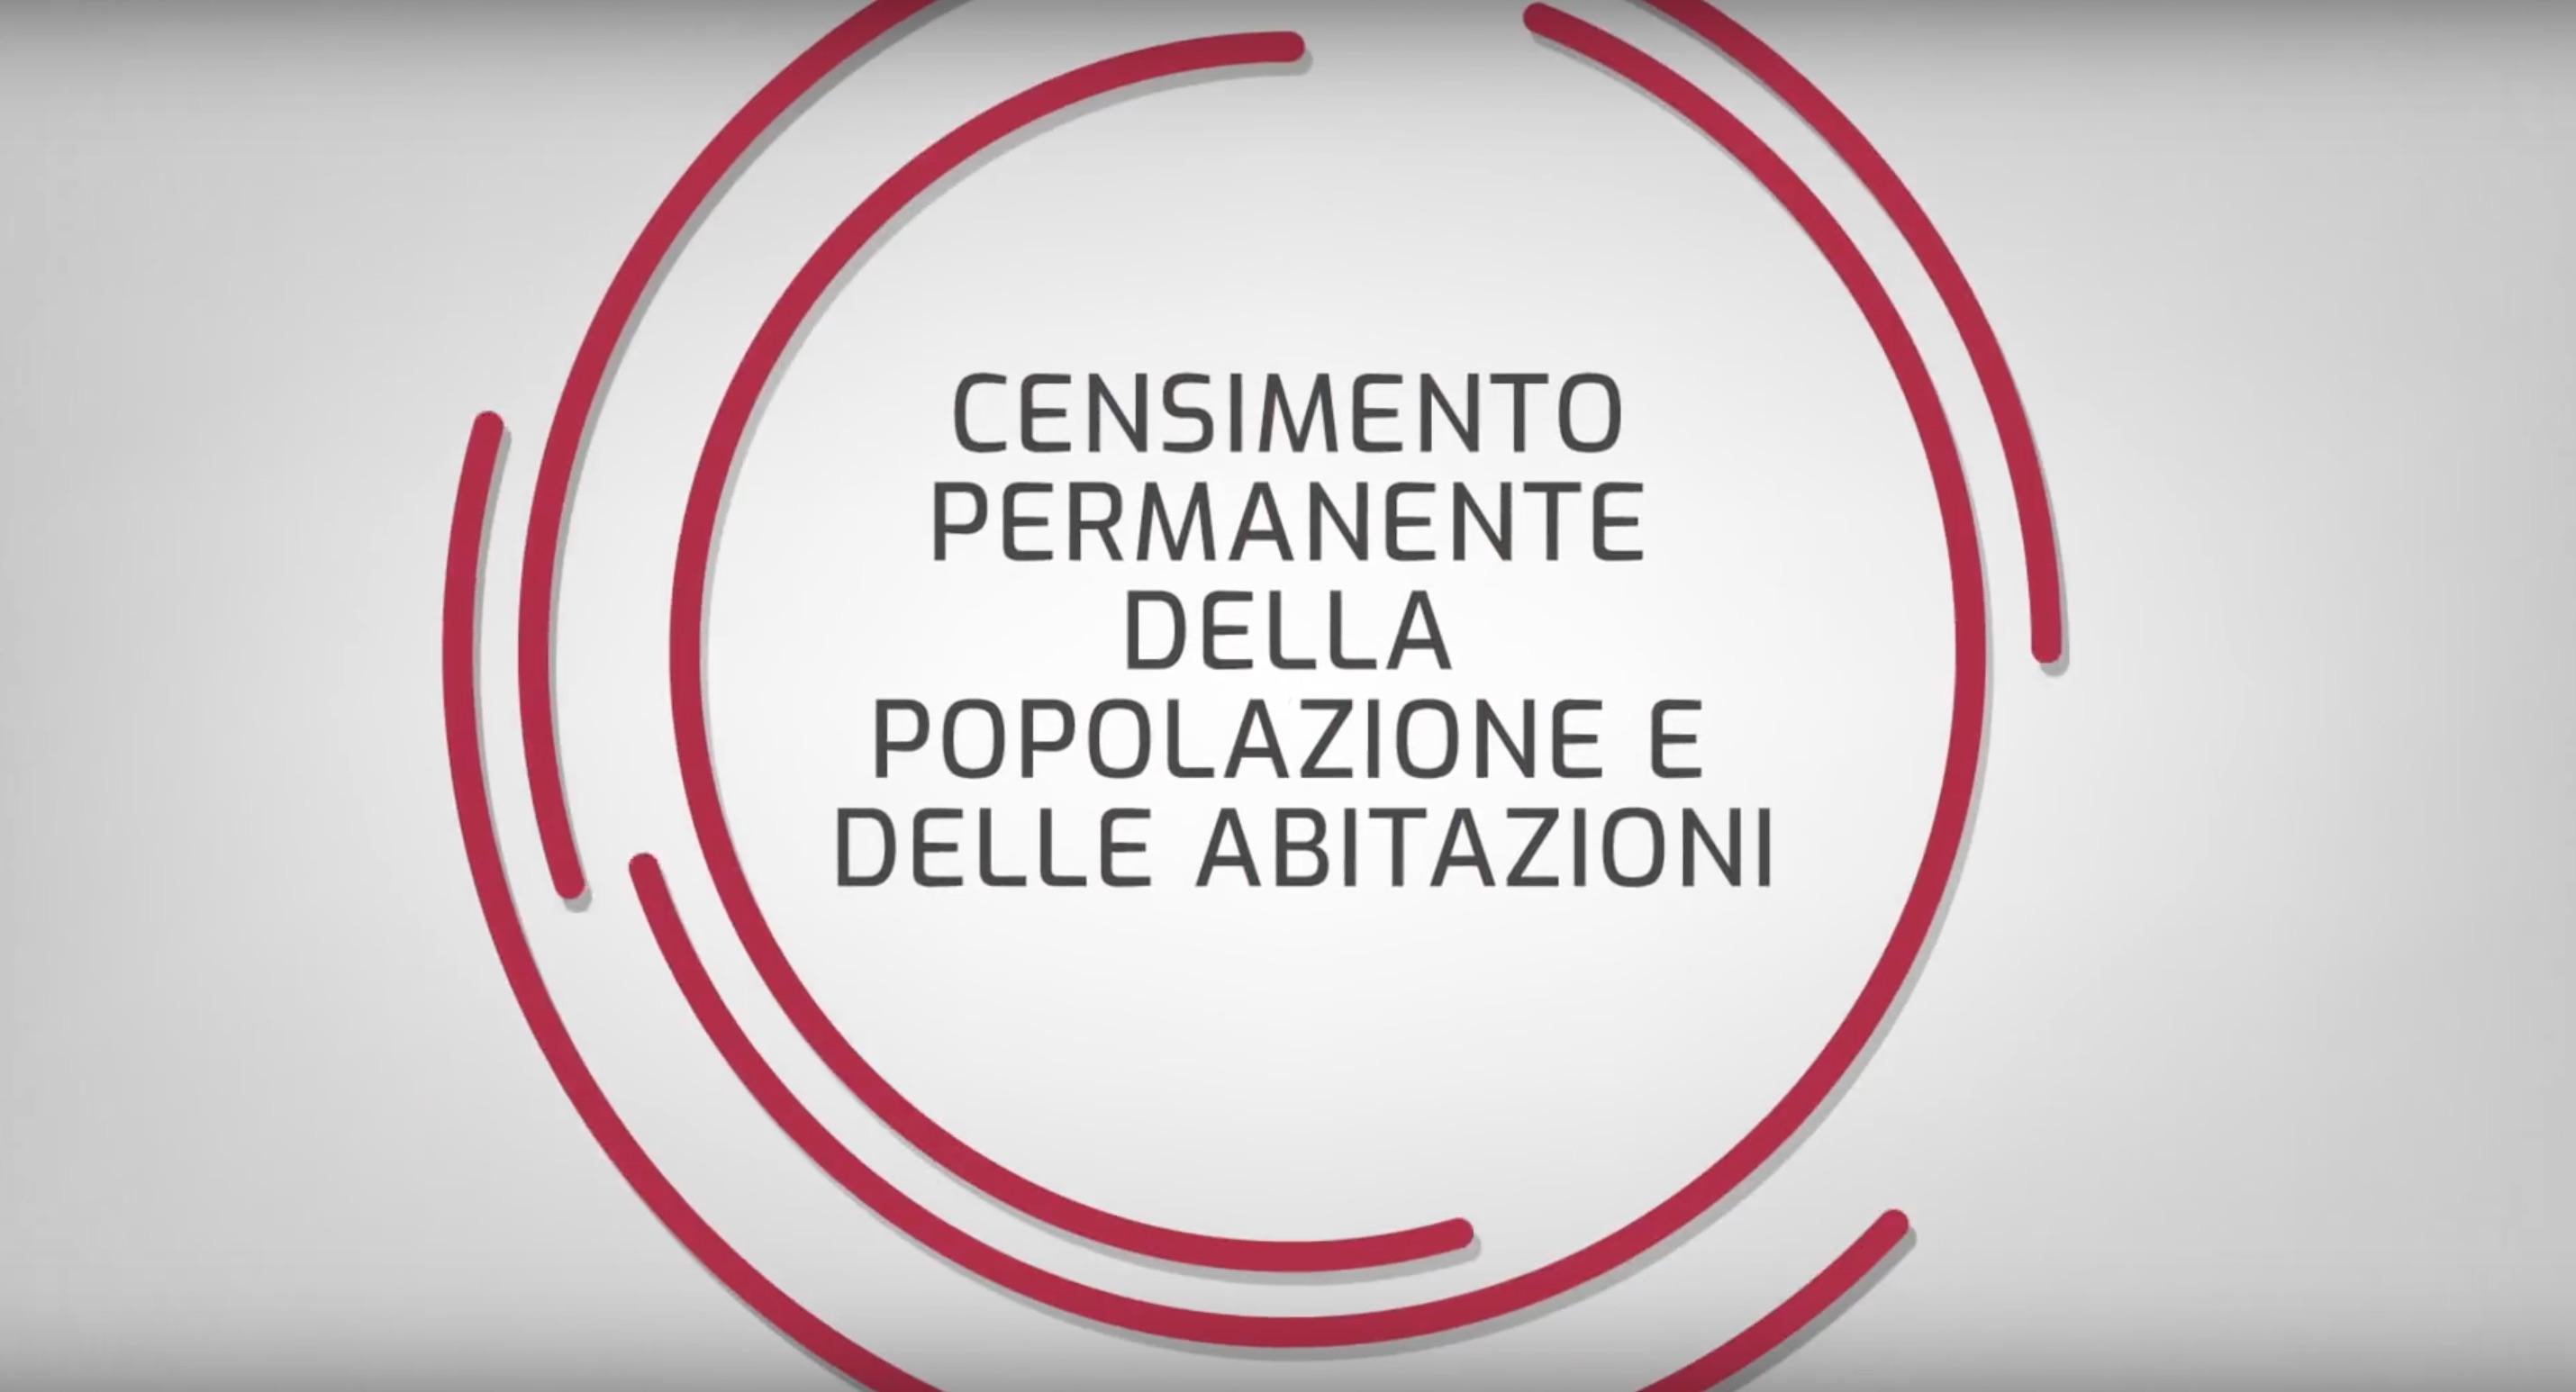 Video: Le regole per il nuovo censimento Istat